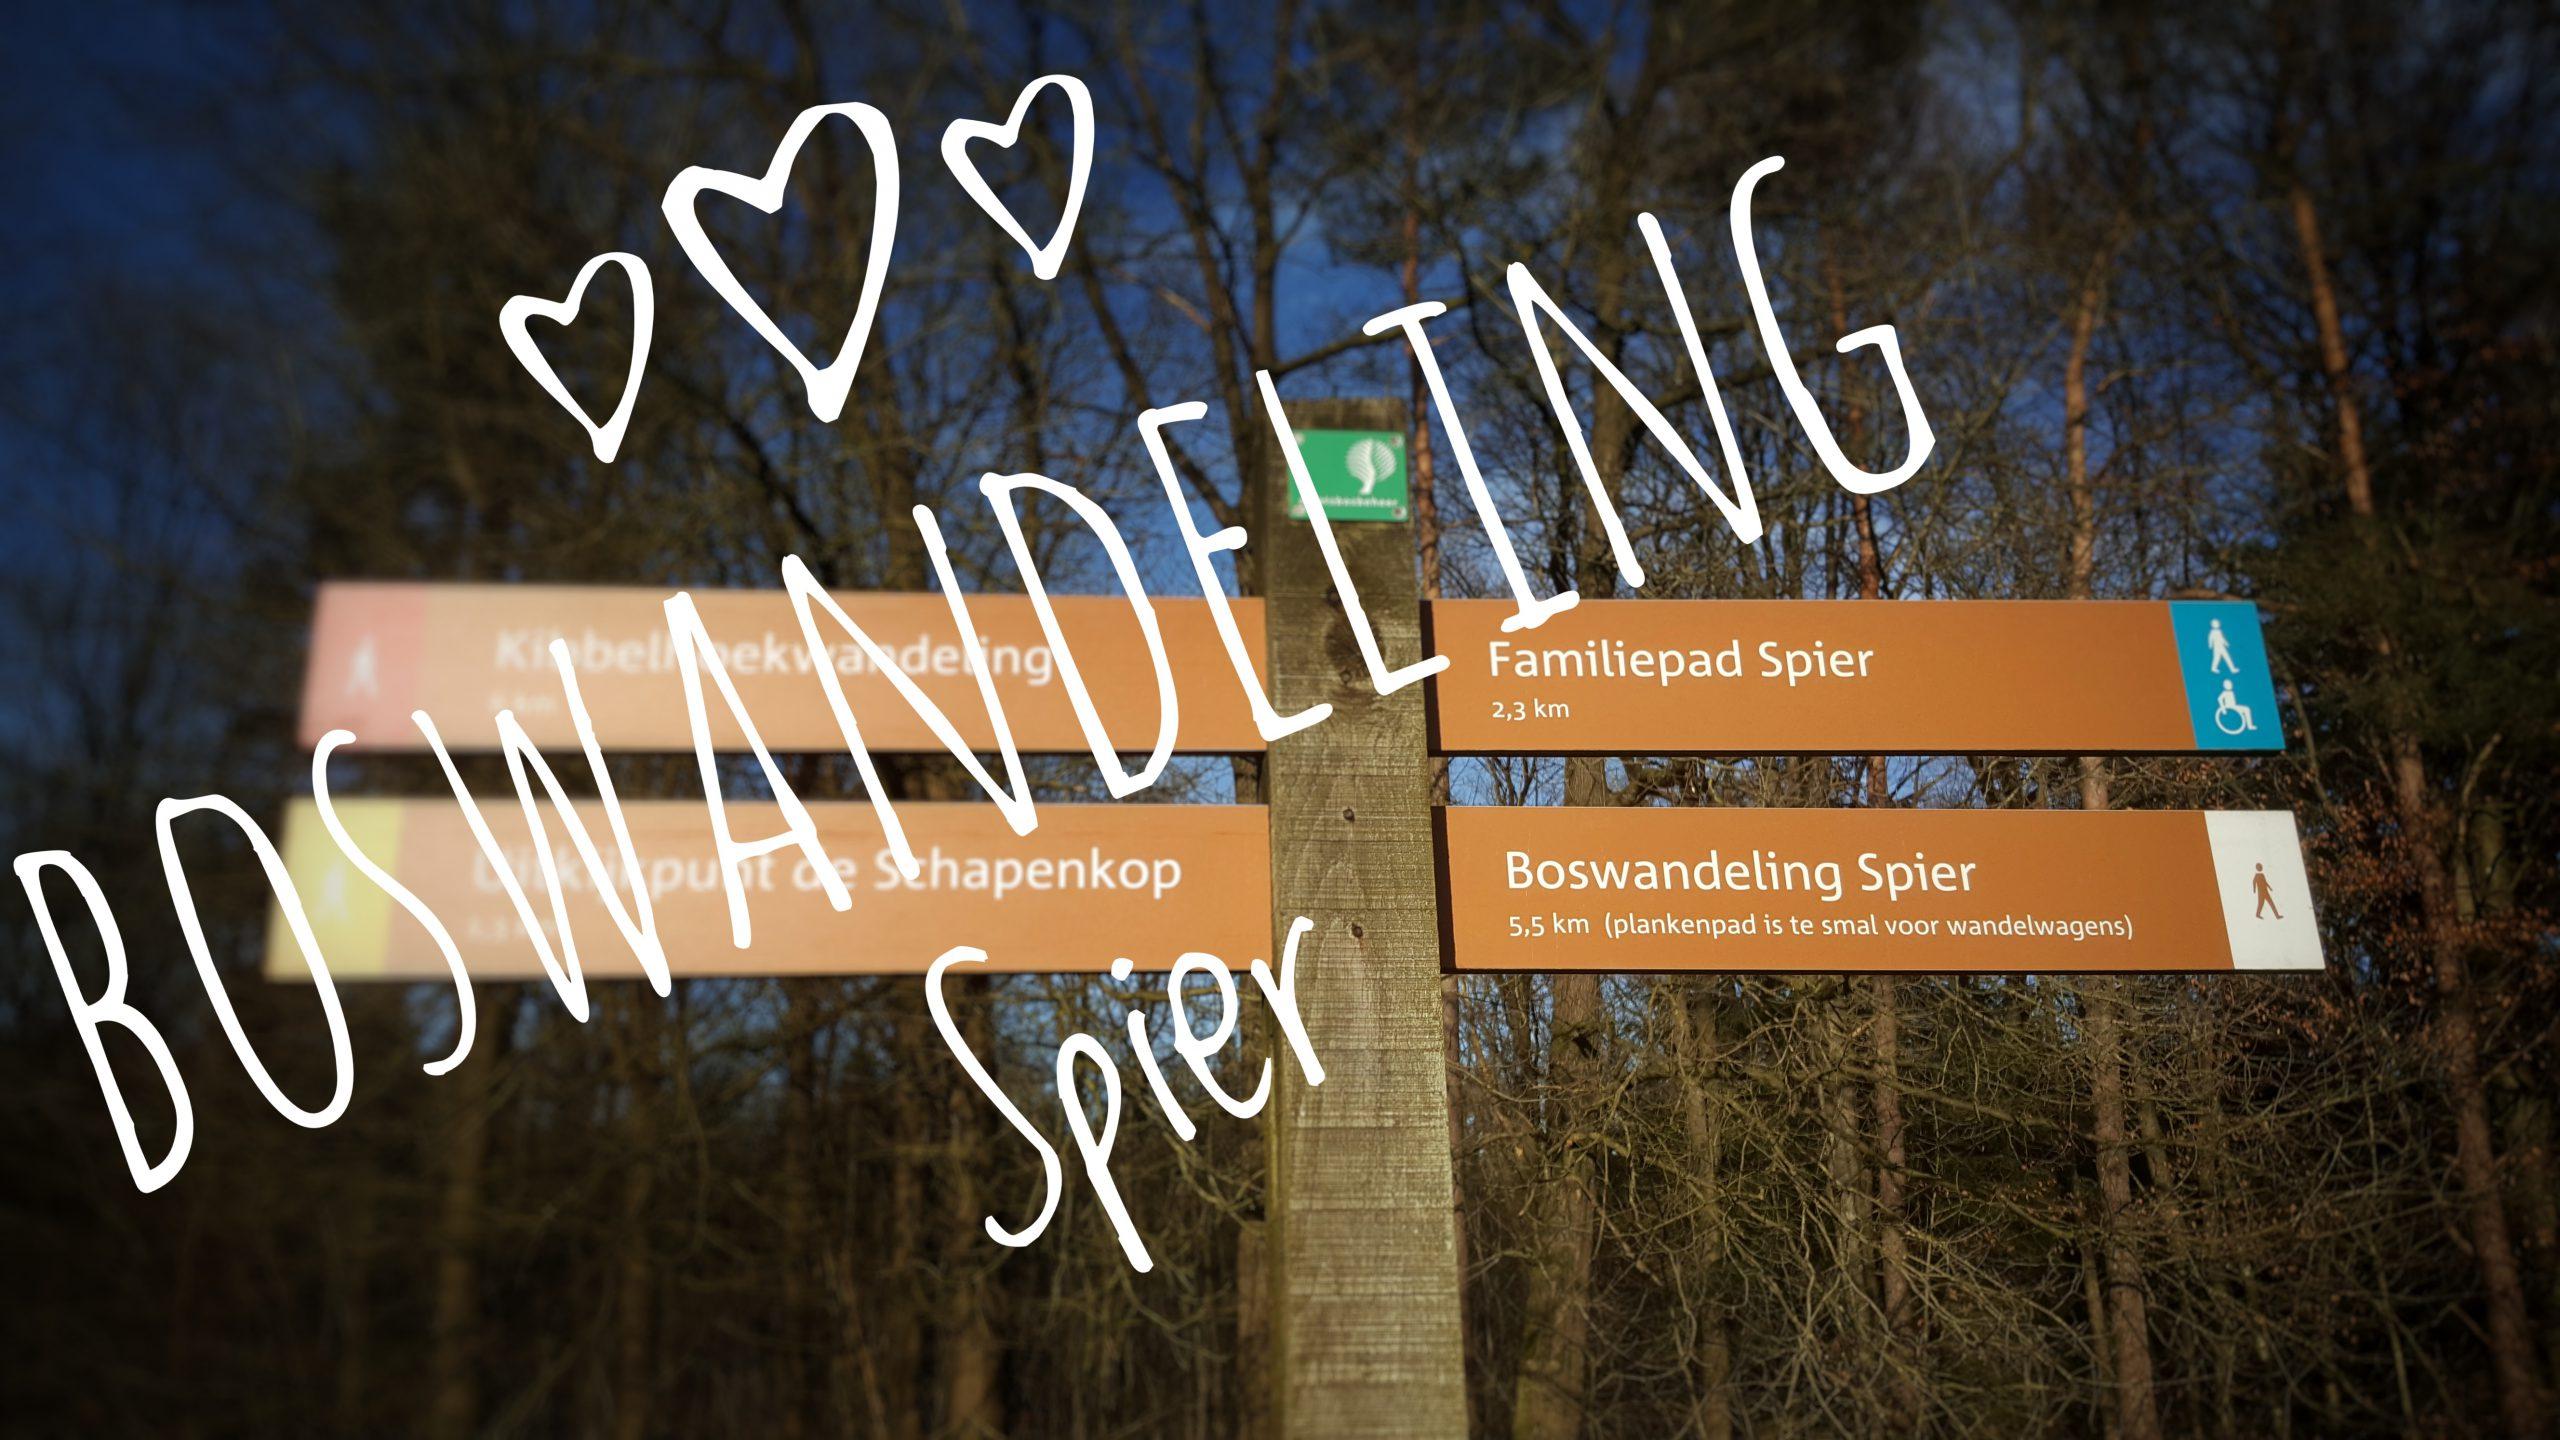 Wandelroute Boswandeling – Dwingelderveld